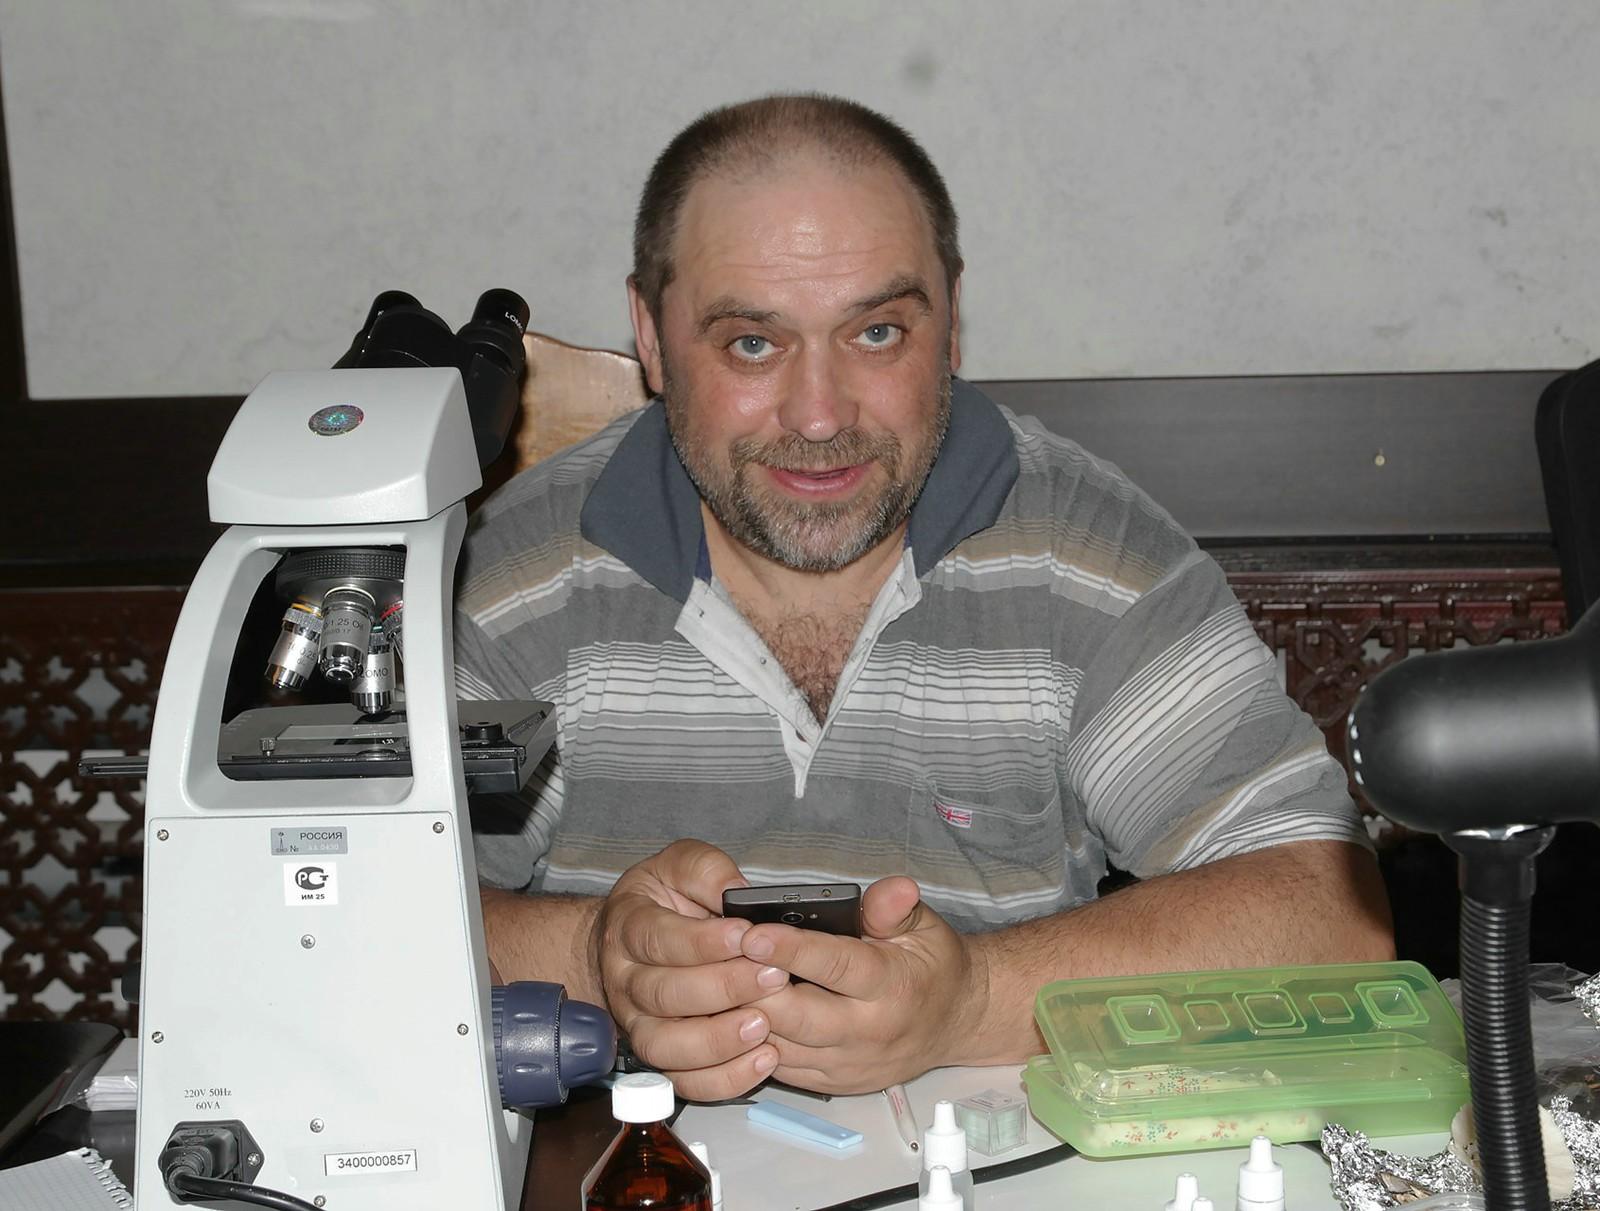 Игорь Кром, 2018 год. Автор фото: Владимир Капитонов